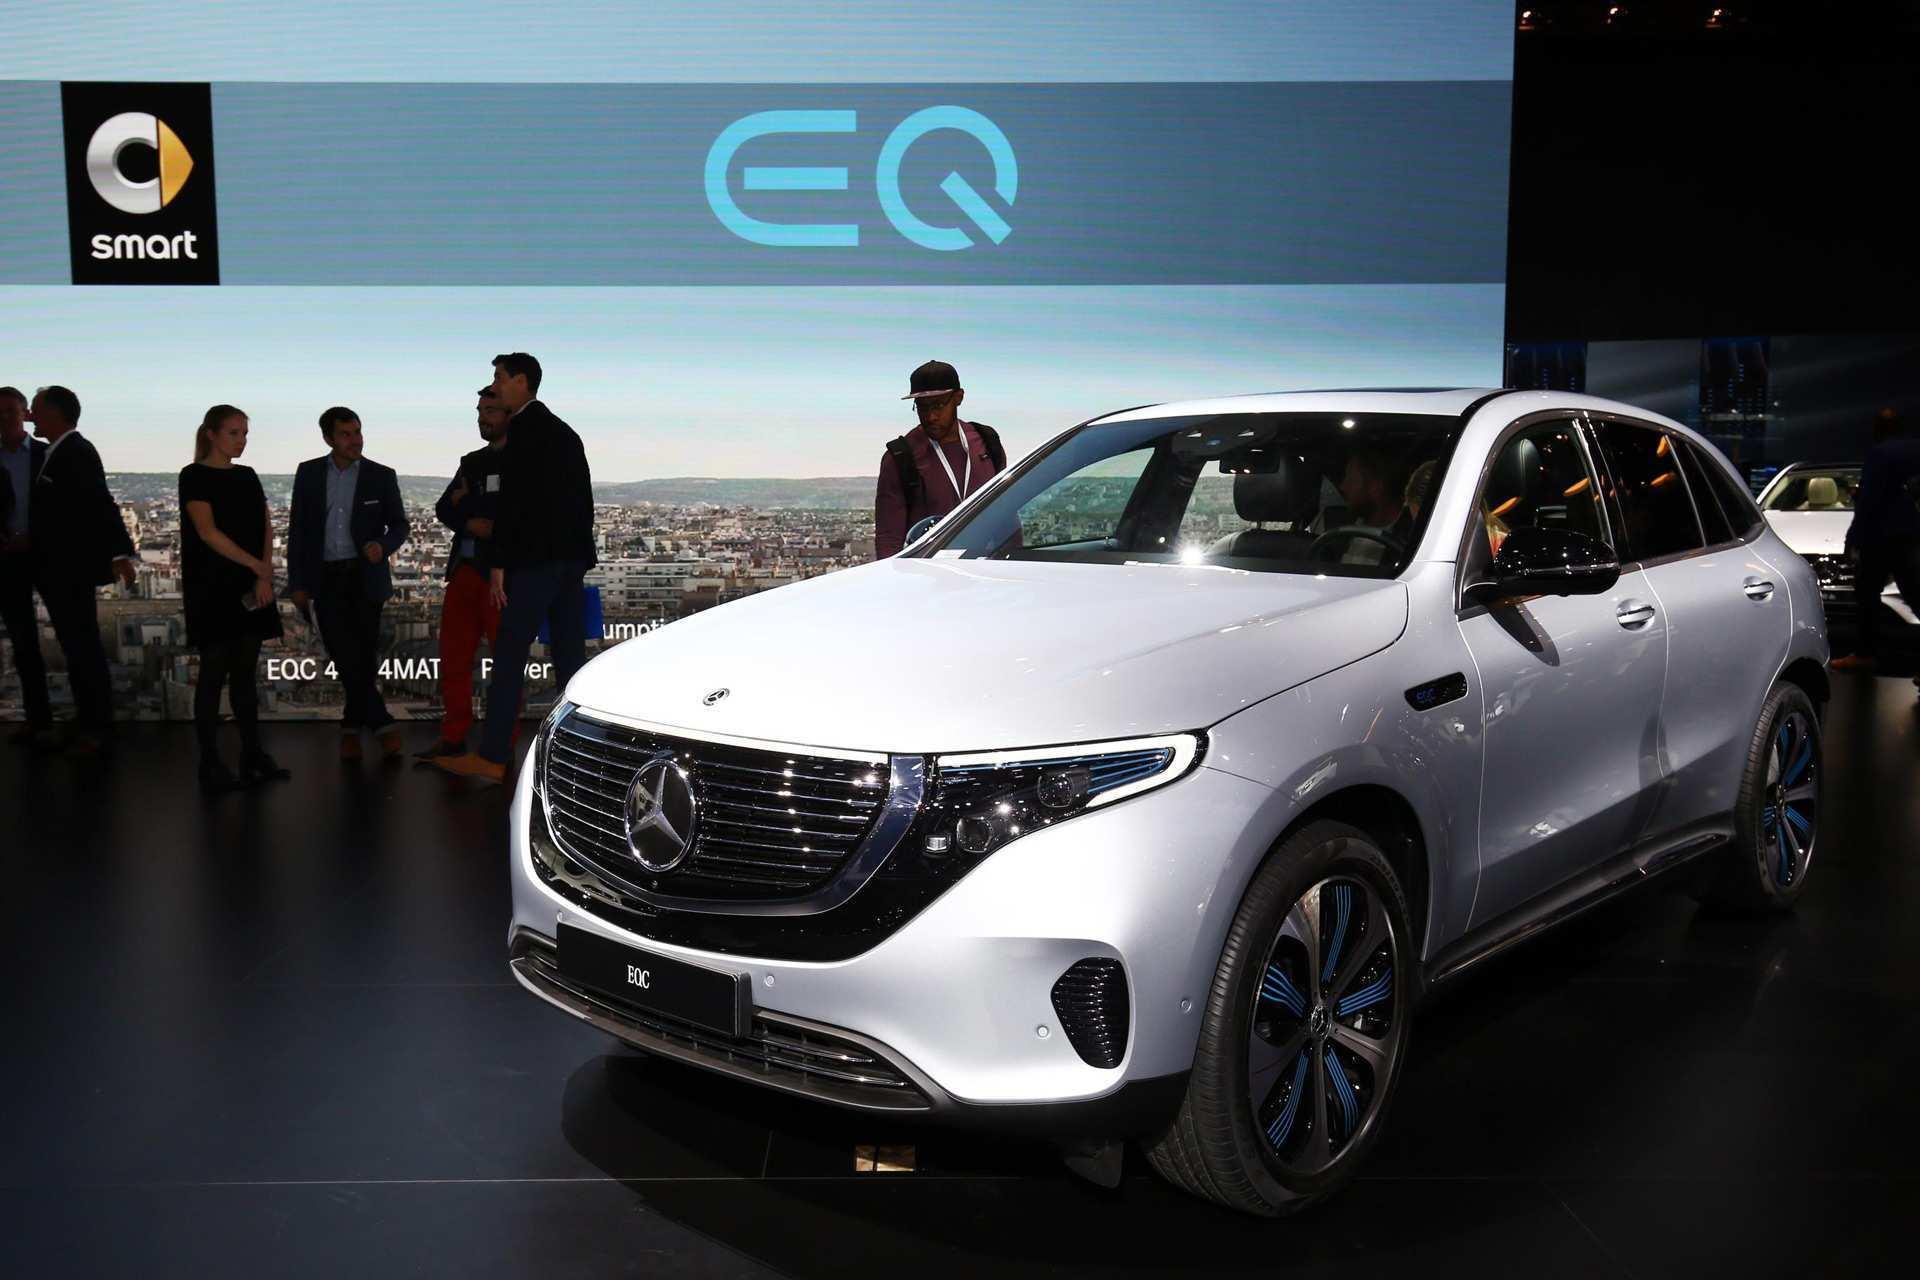 11 New Mercedes Benz Eqc 2020 Configurations by Mercedes Benz Eqc 2020